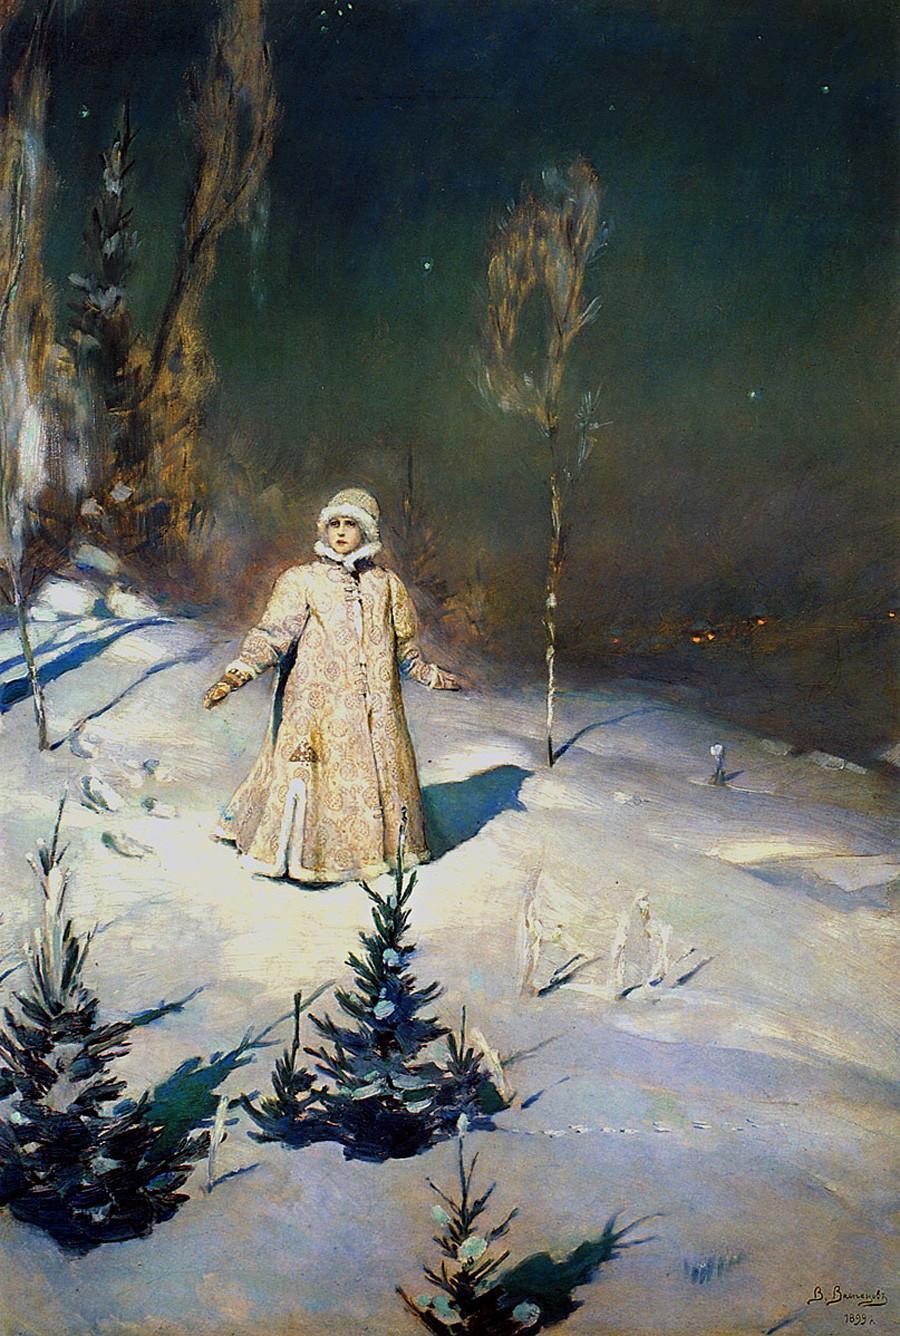 「スネグロチカ(雪娘)」、ヴィクトル・ヴァスネツォフ画